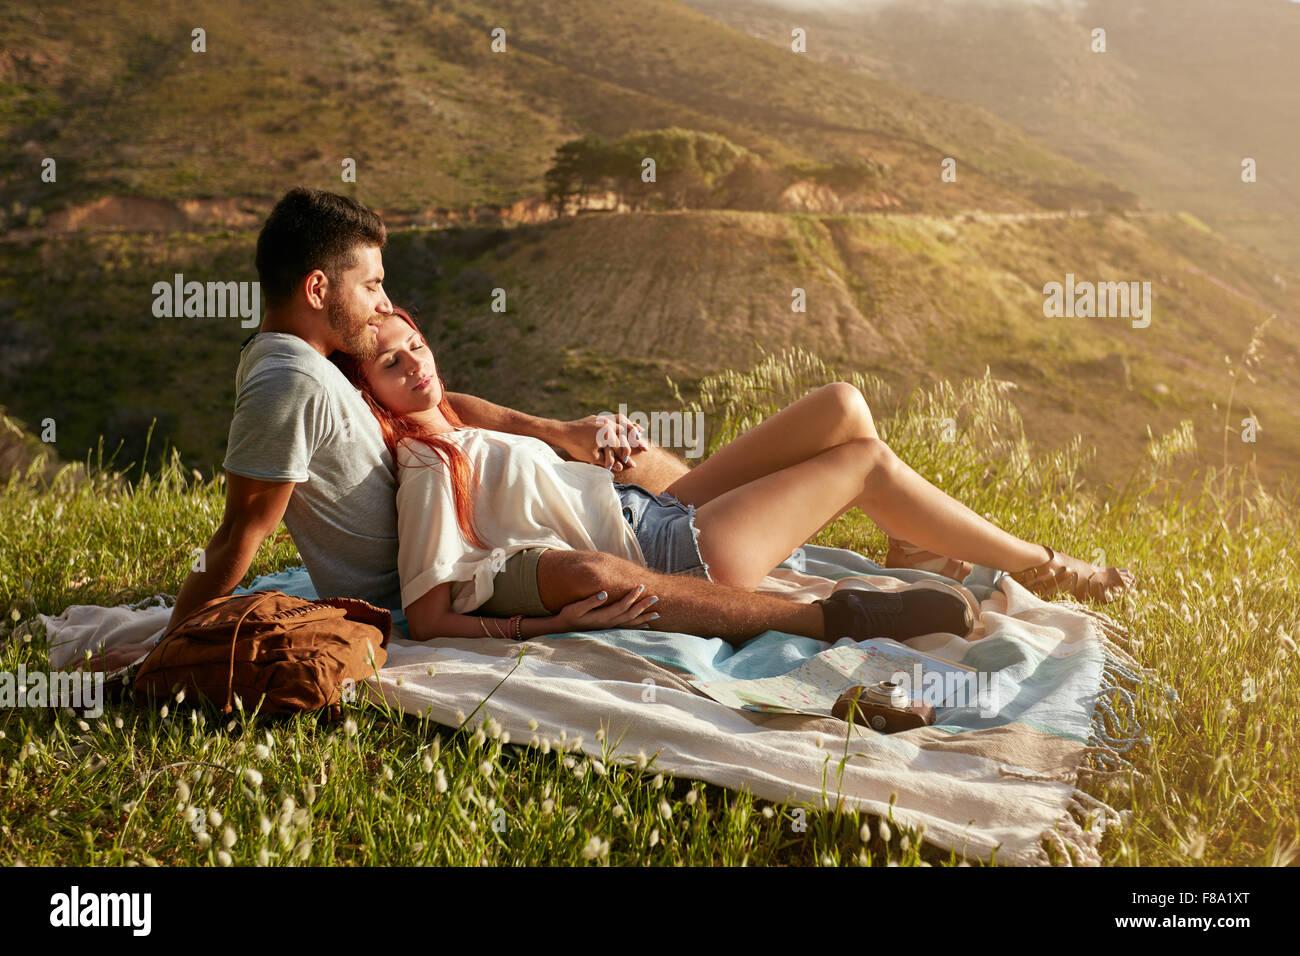 Pareja joven tener un picnic en un prado en un día soleado. Un hombre y una mujer caucásica relajándose Imagen De Stock